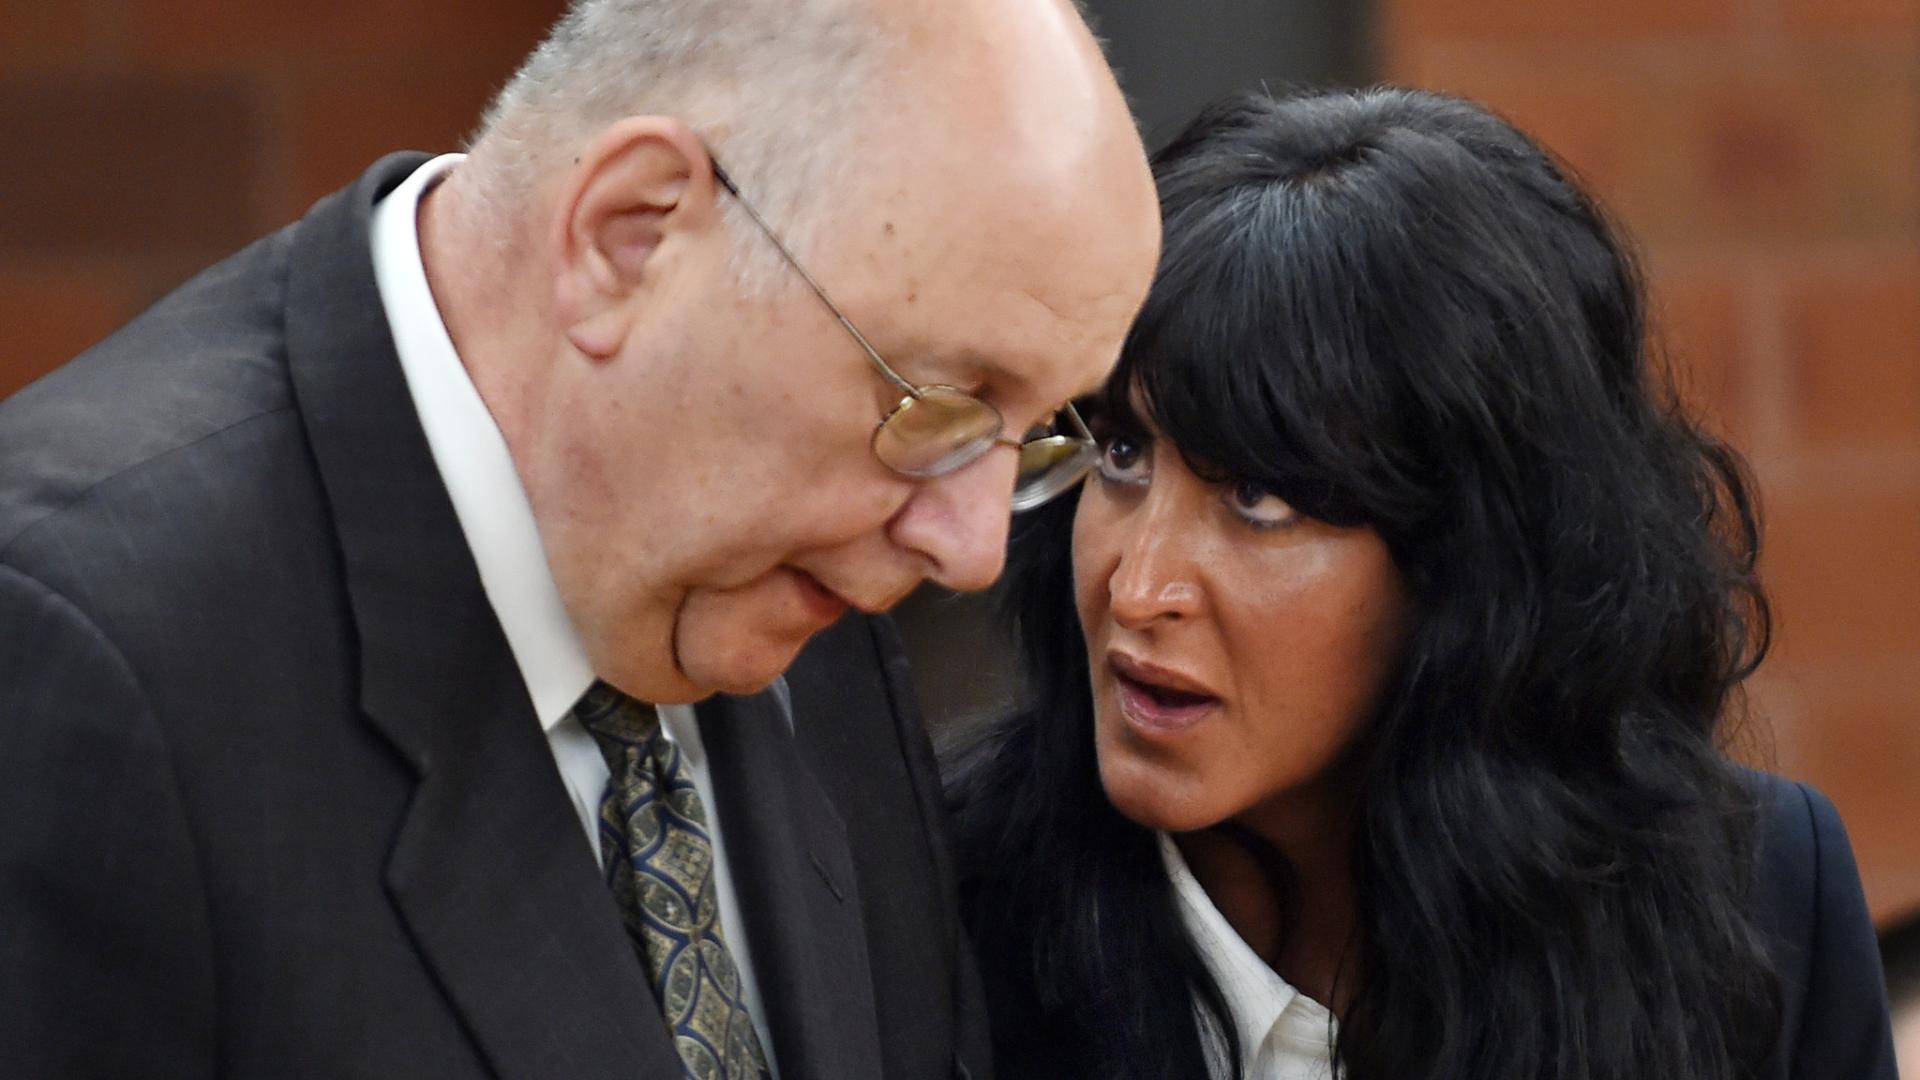 Amber Stevens Sex Tape tiffany stevens gets probation in murder-for-hire case